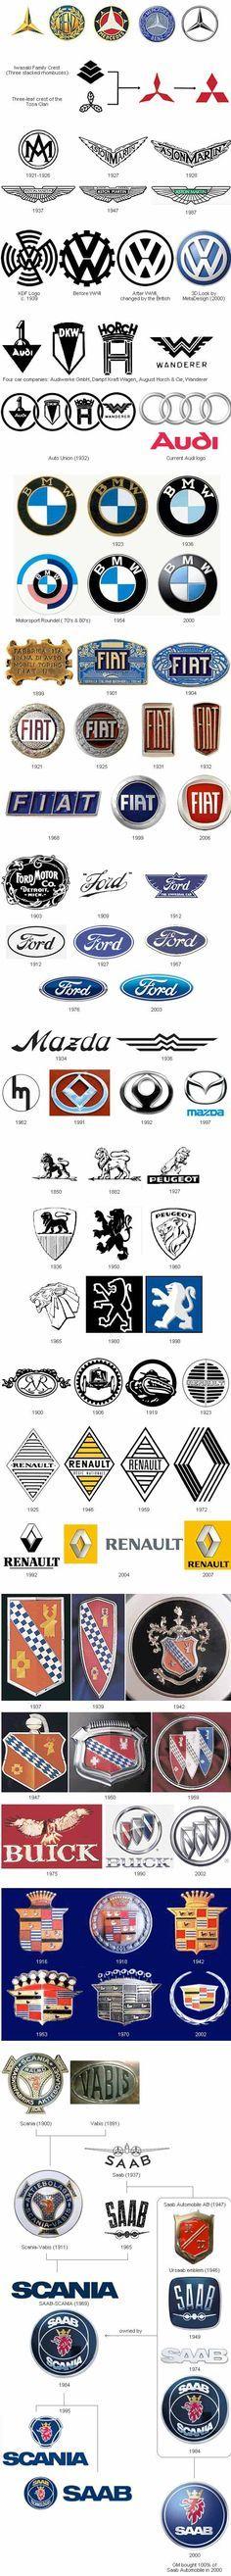 Evolución De Logos De Marcas De Coches Marca De Coches Autos Logos De Marcas